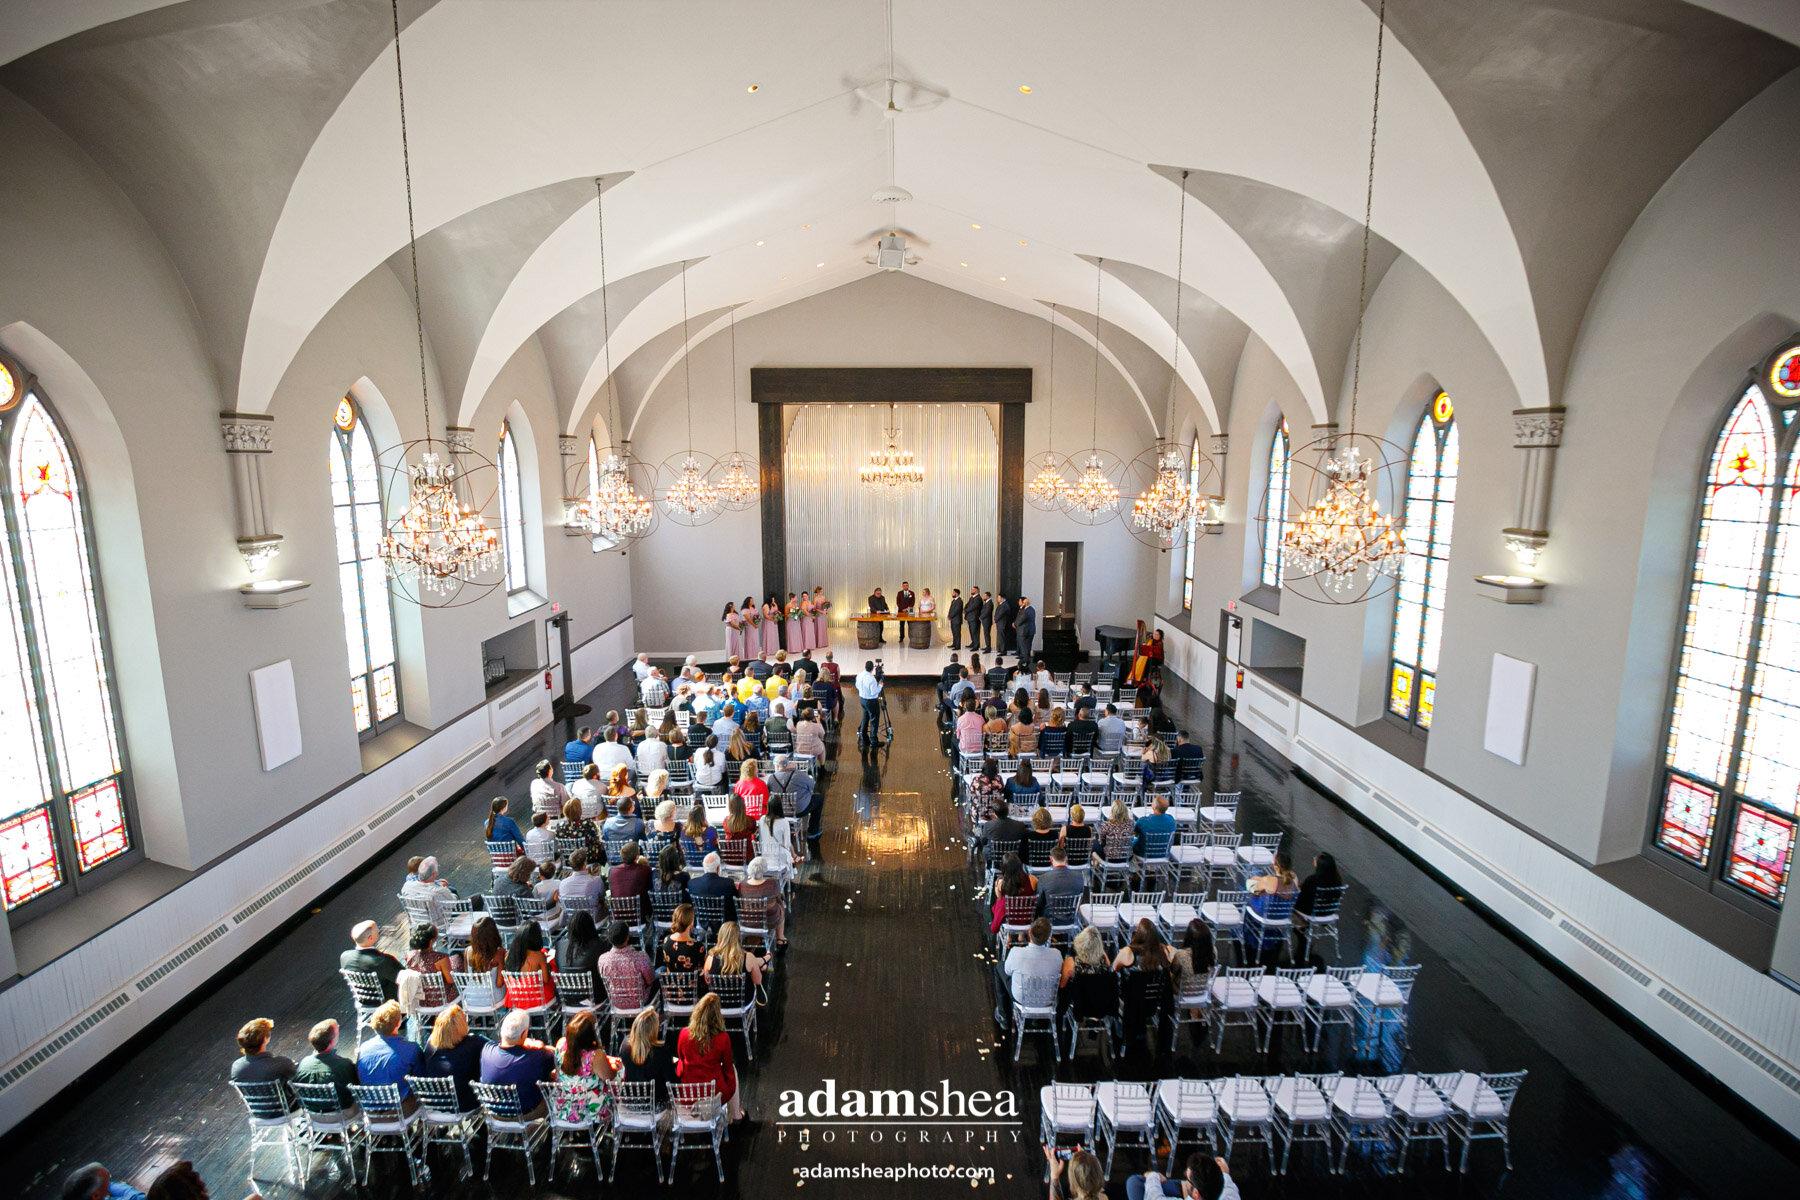 Taylor-Favian-Sepia-Wedding-Chapel-Adam-Shea-Photography-Two-Rivers-WI00012.jpg